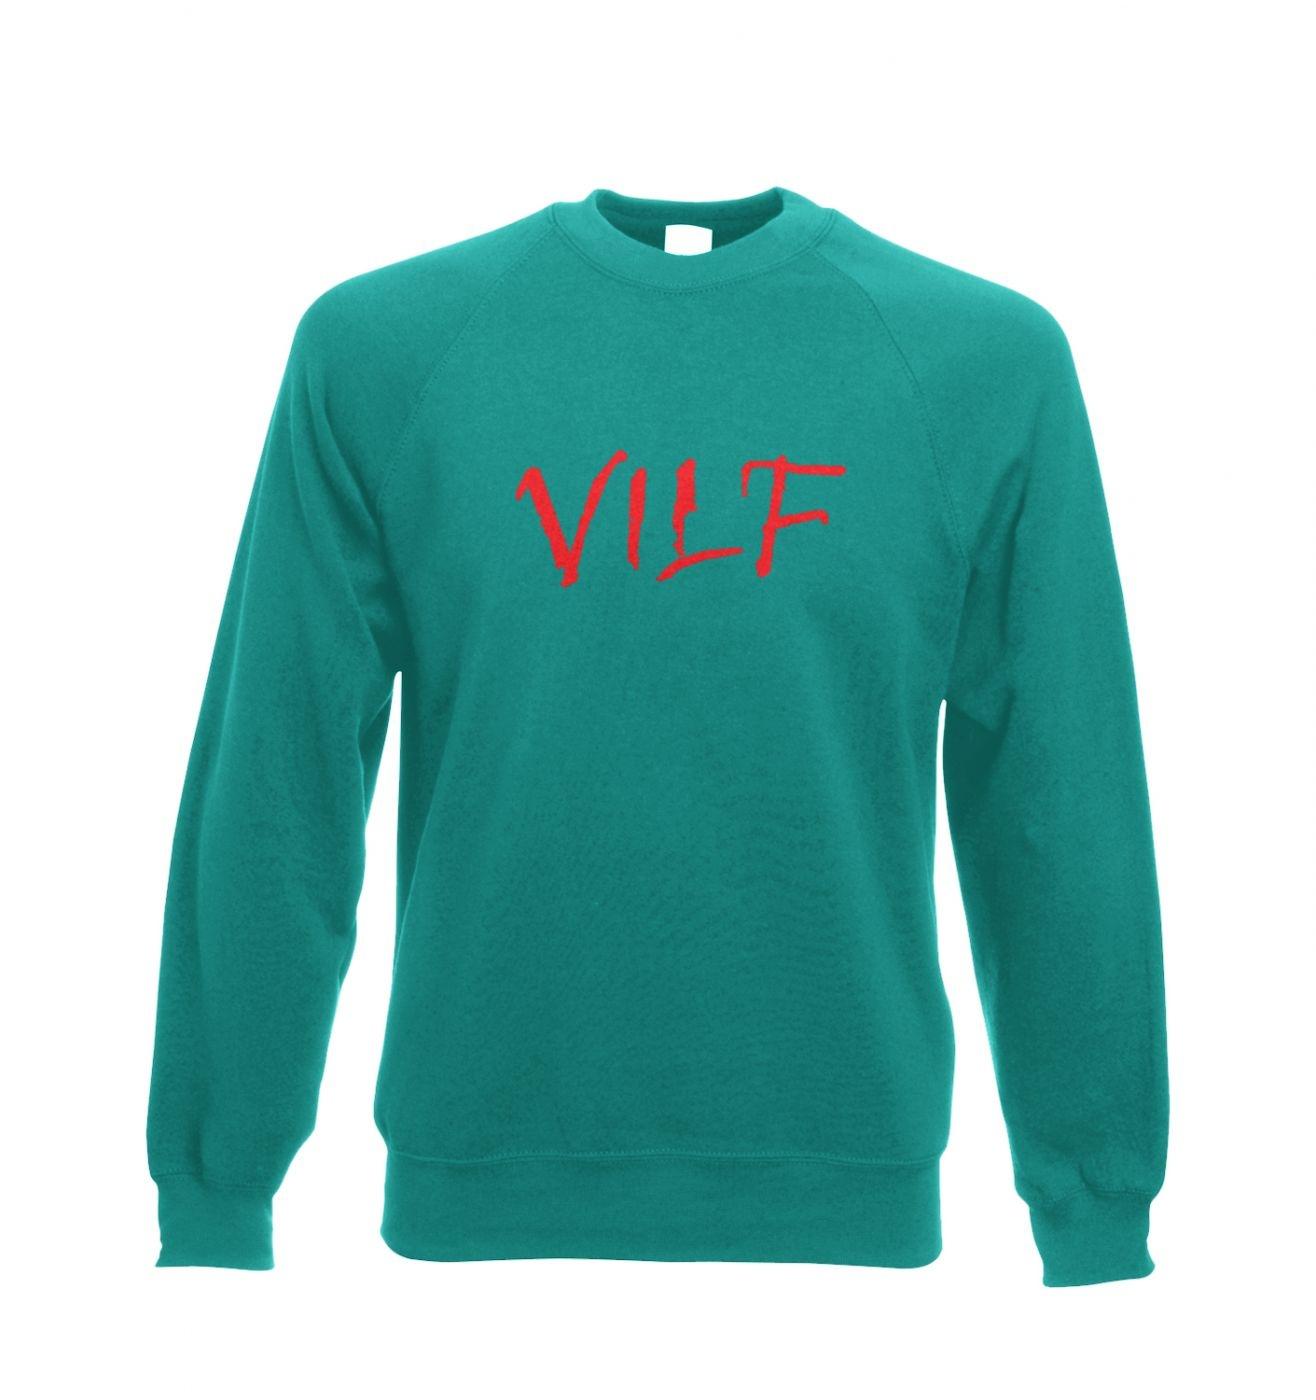 VILF Adult Crewneck Sweatshirt